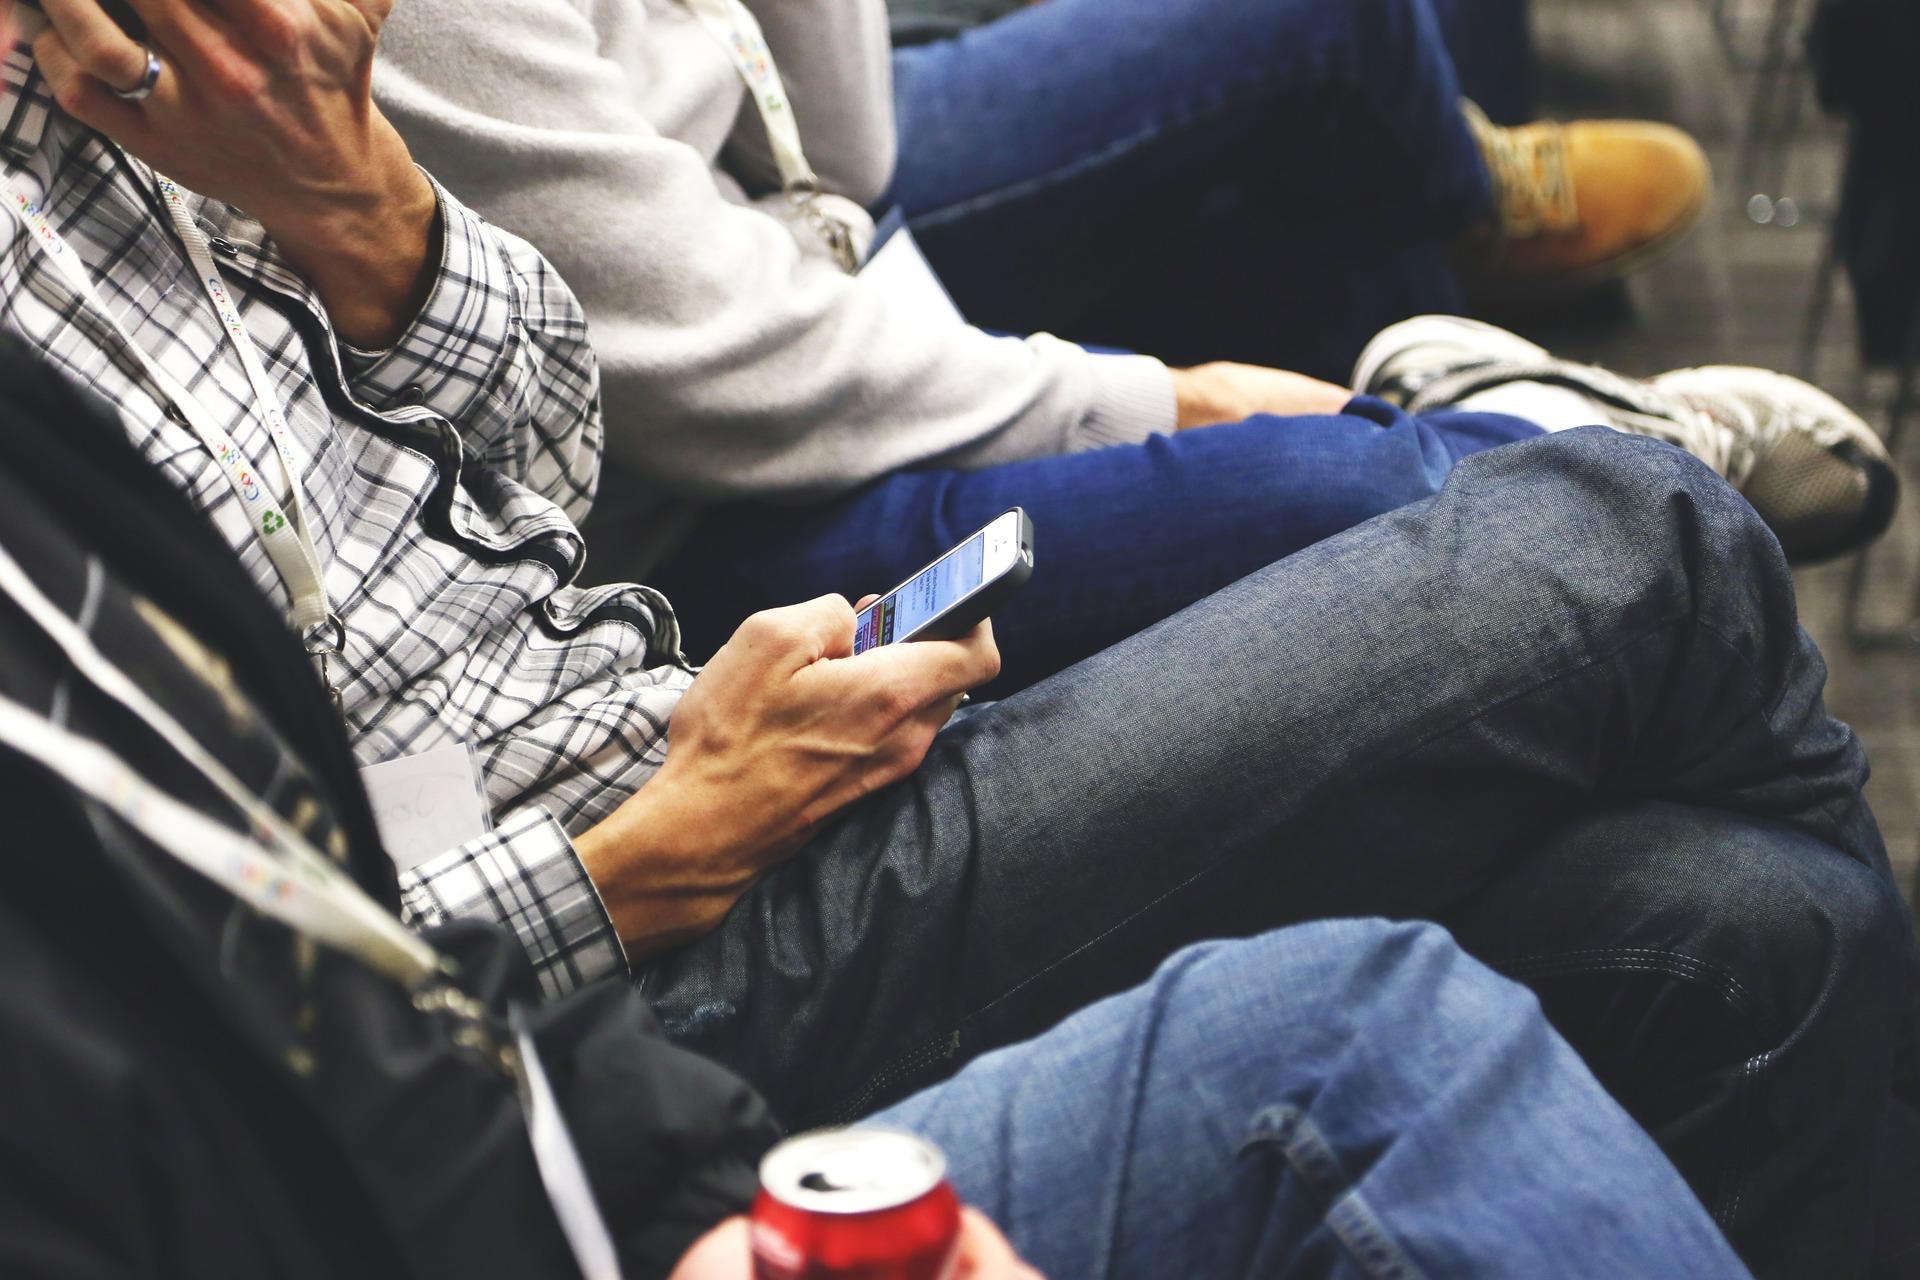 Tolles Tool, aber keine Interaktion – Tipps für den Einsatz von Audience Response Tools